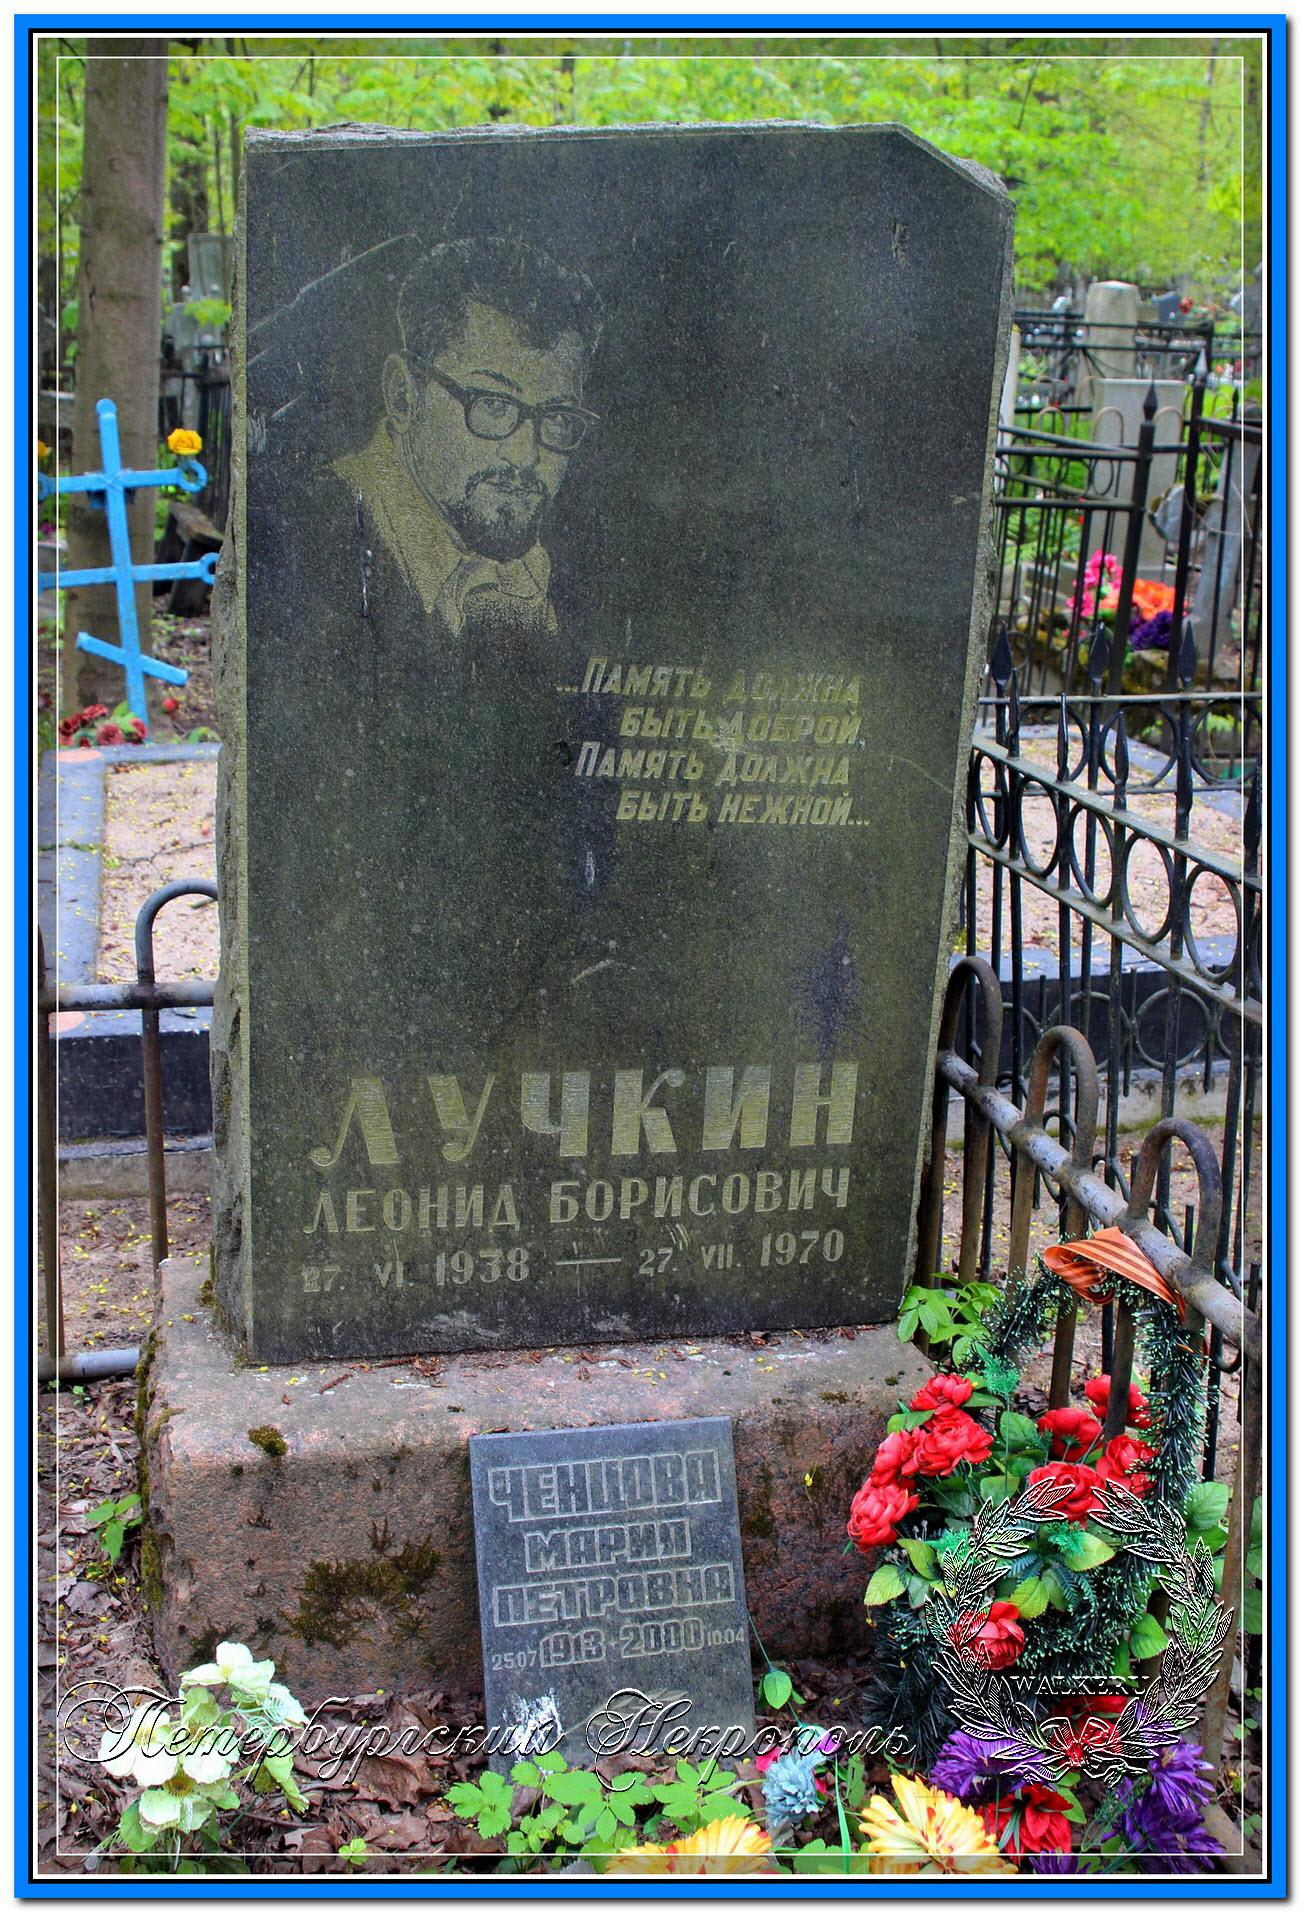 © Ширали Виктор Гейдарович